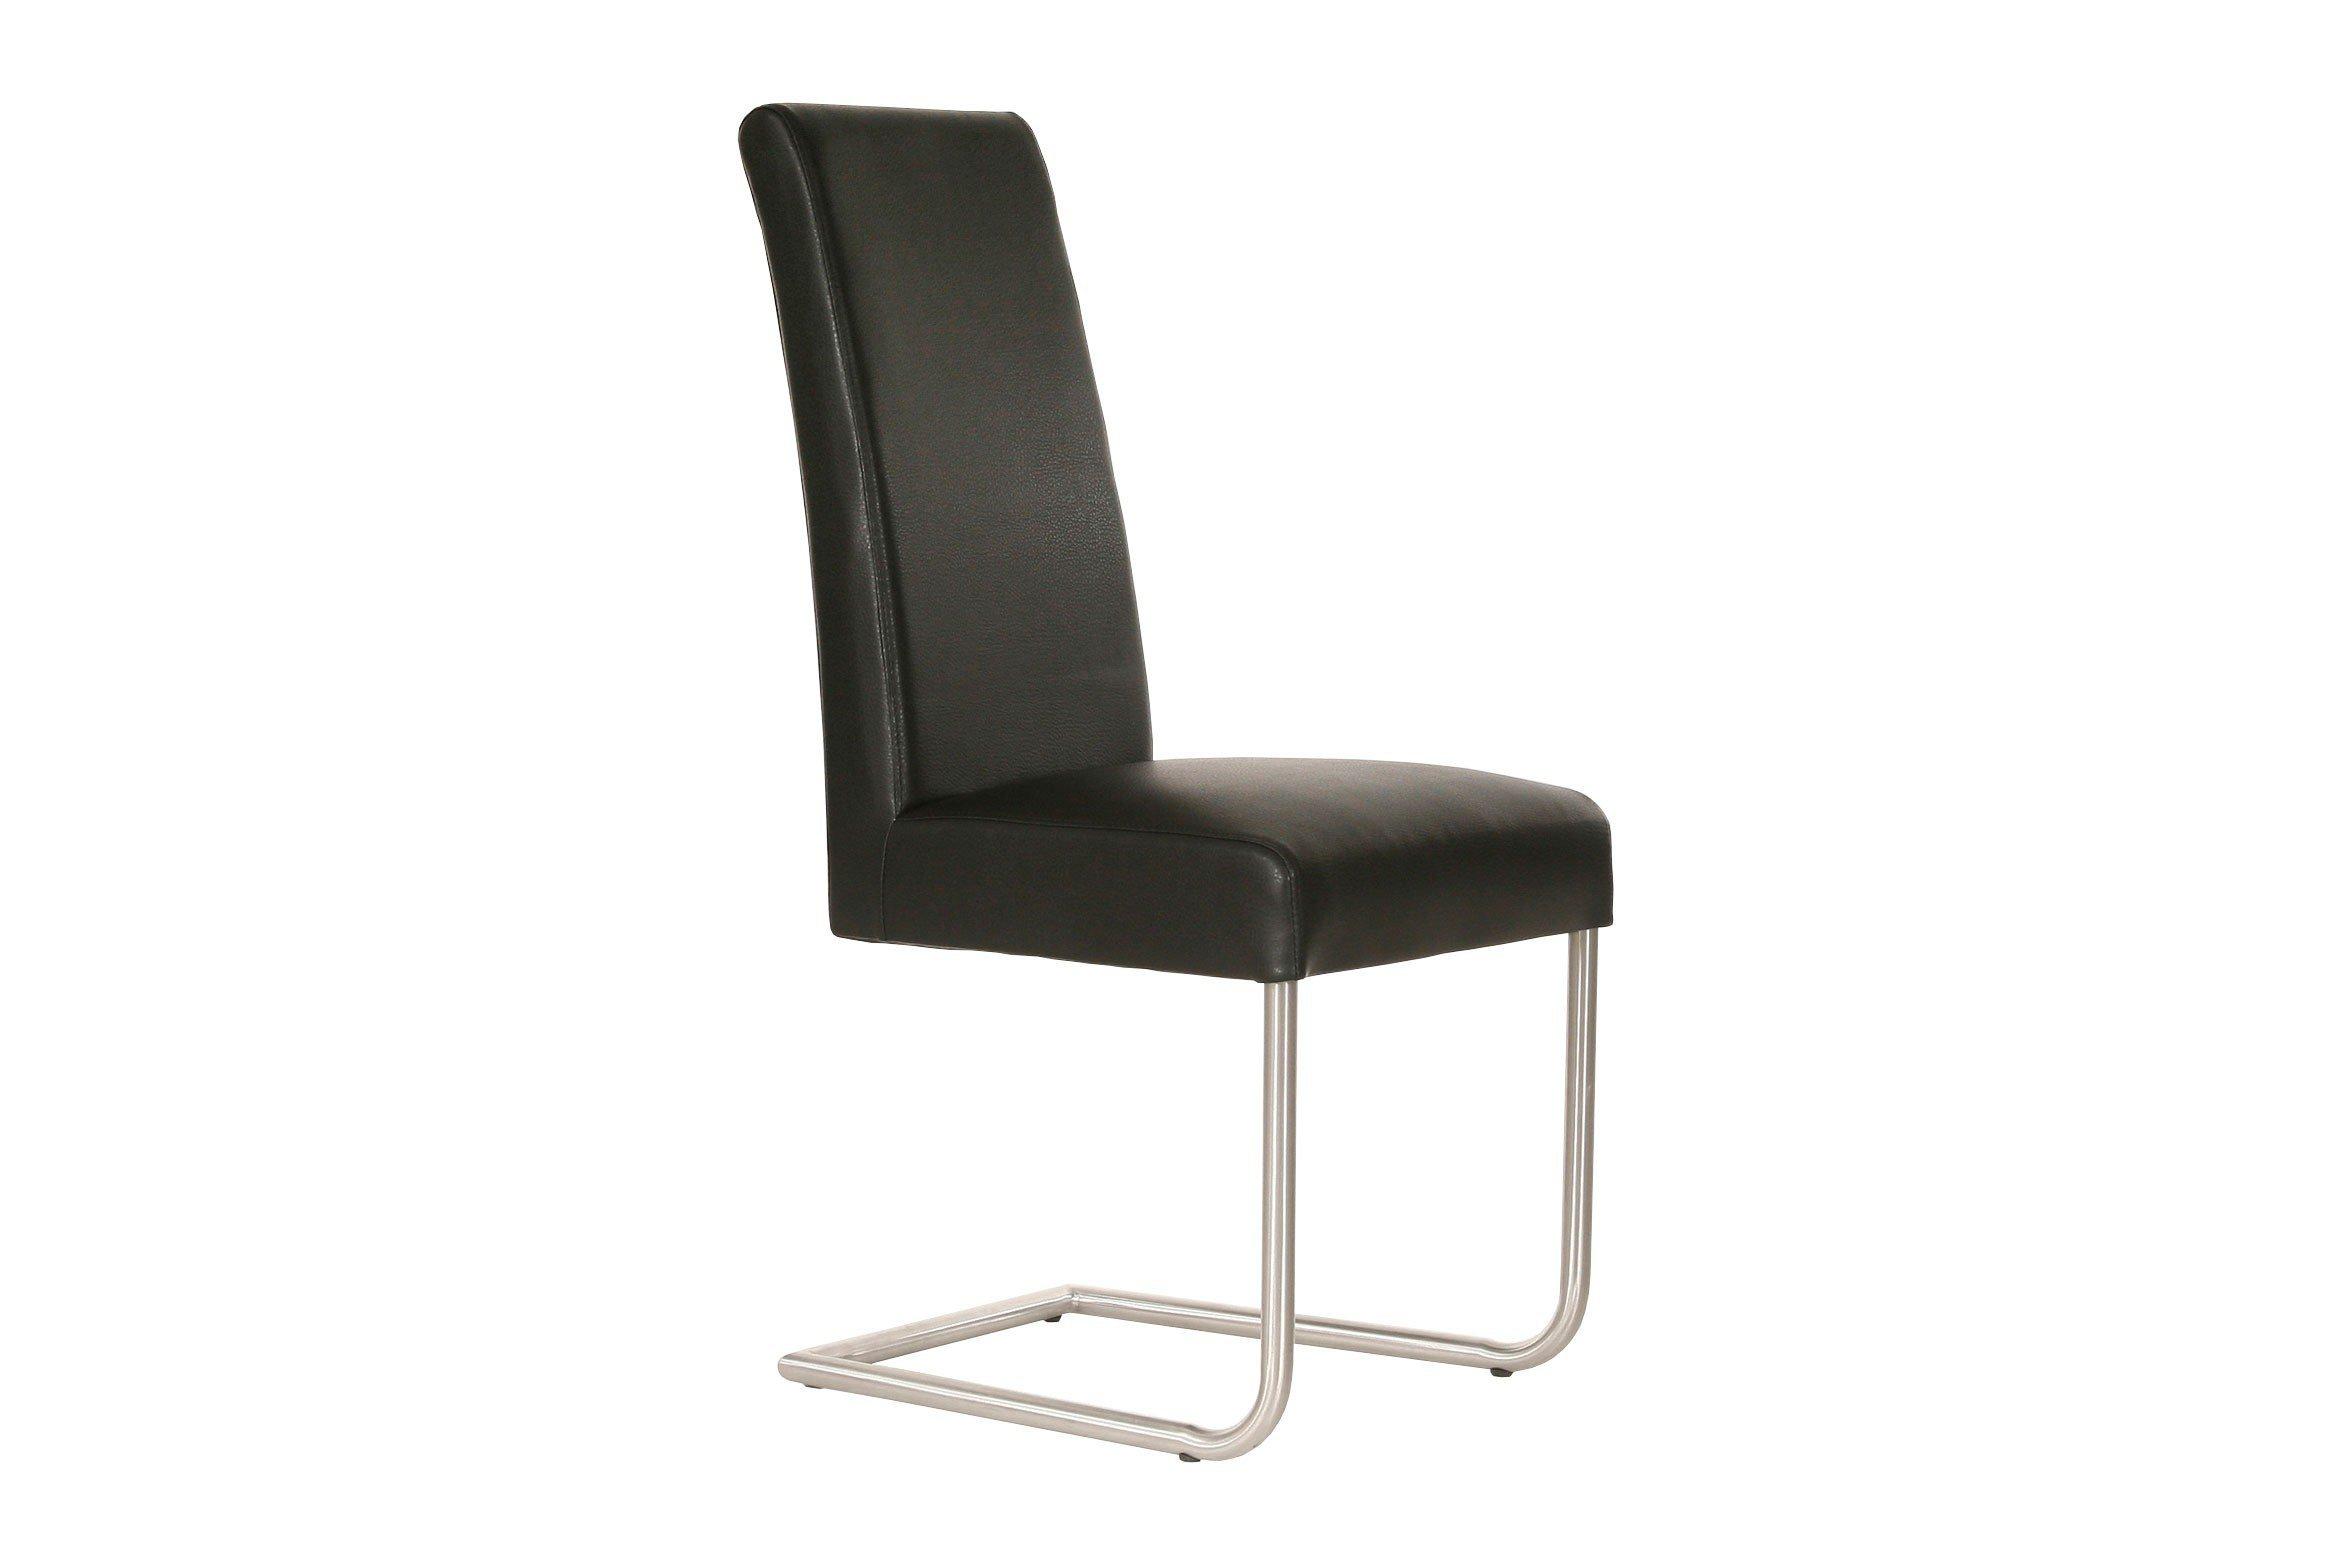 Künstlerisch Freischwinger Galerie Von Samiro 3 Von Standard Furniture - In